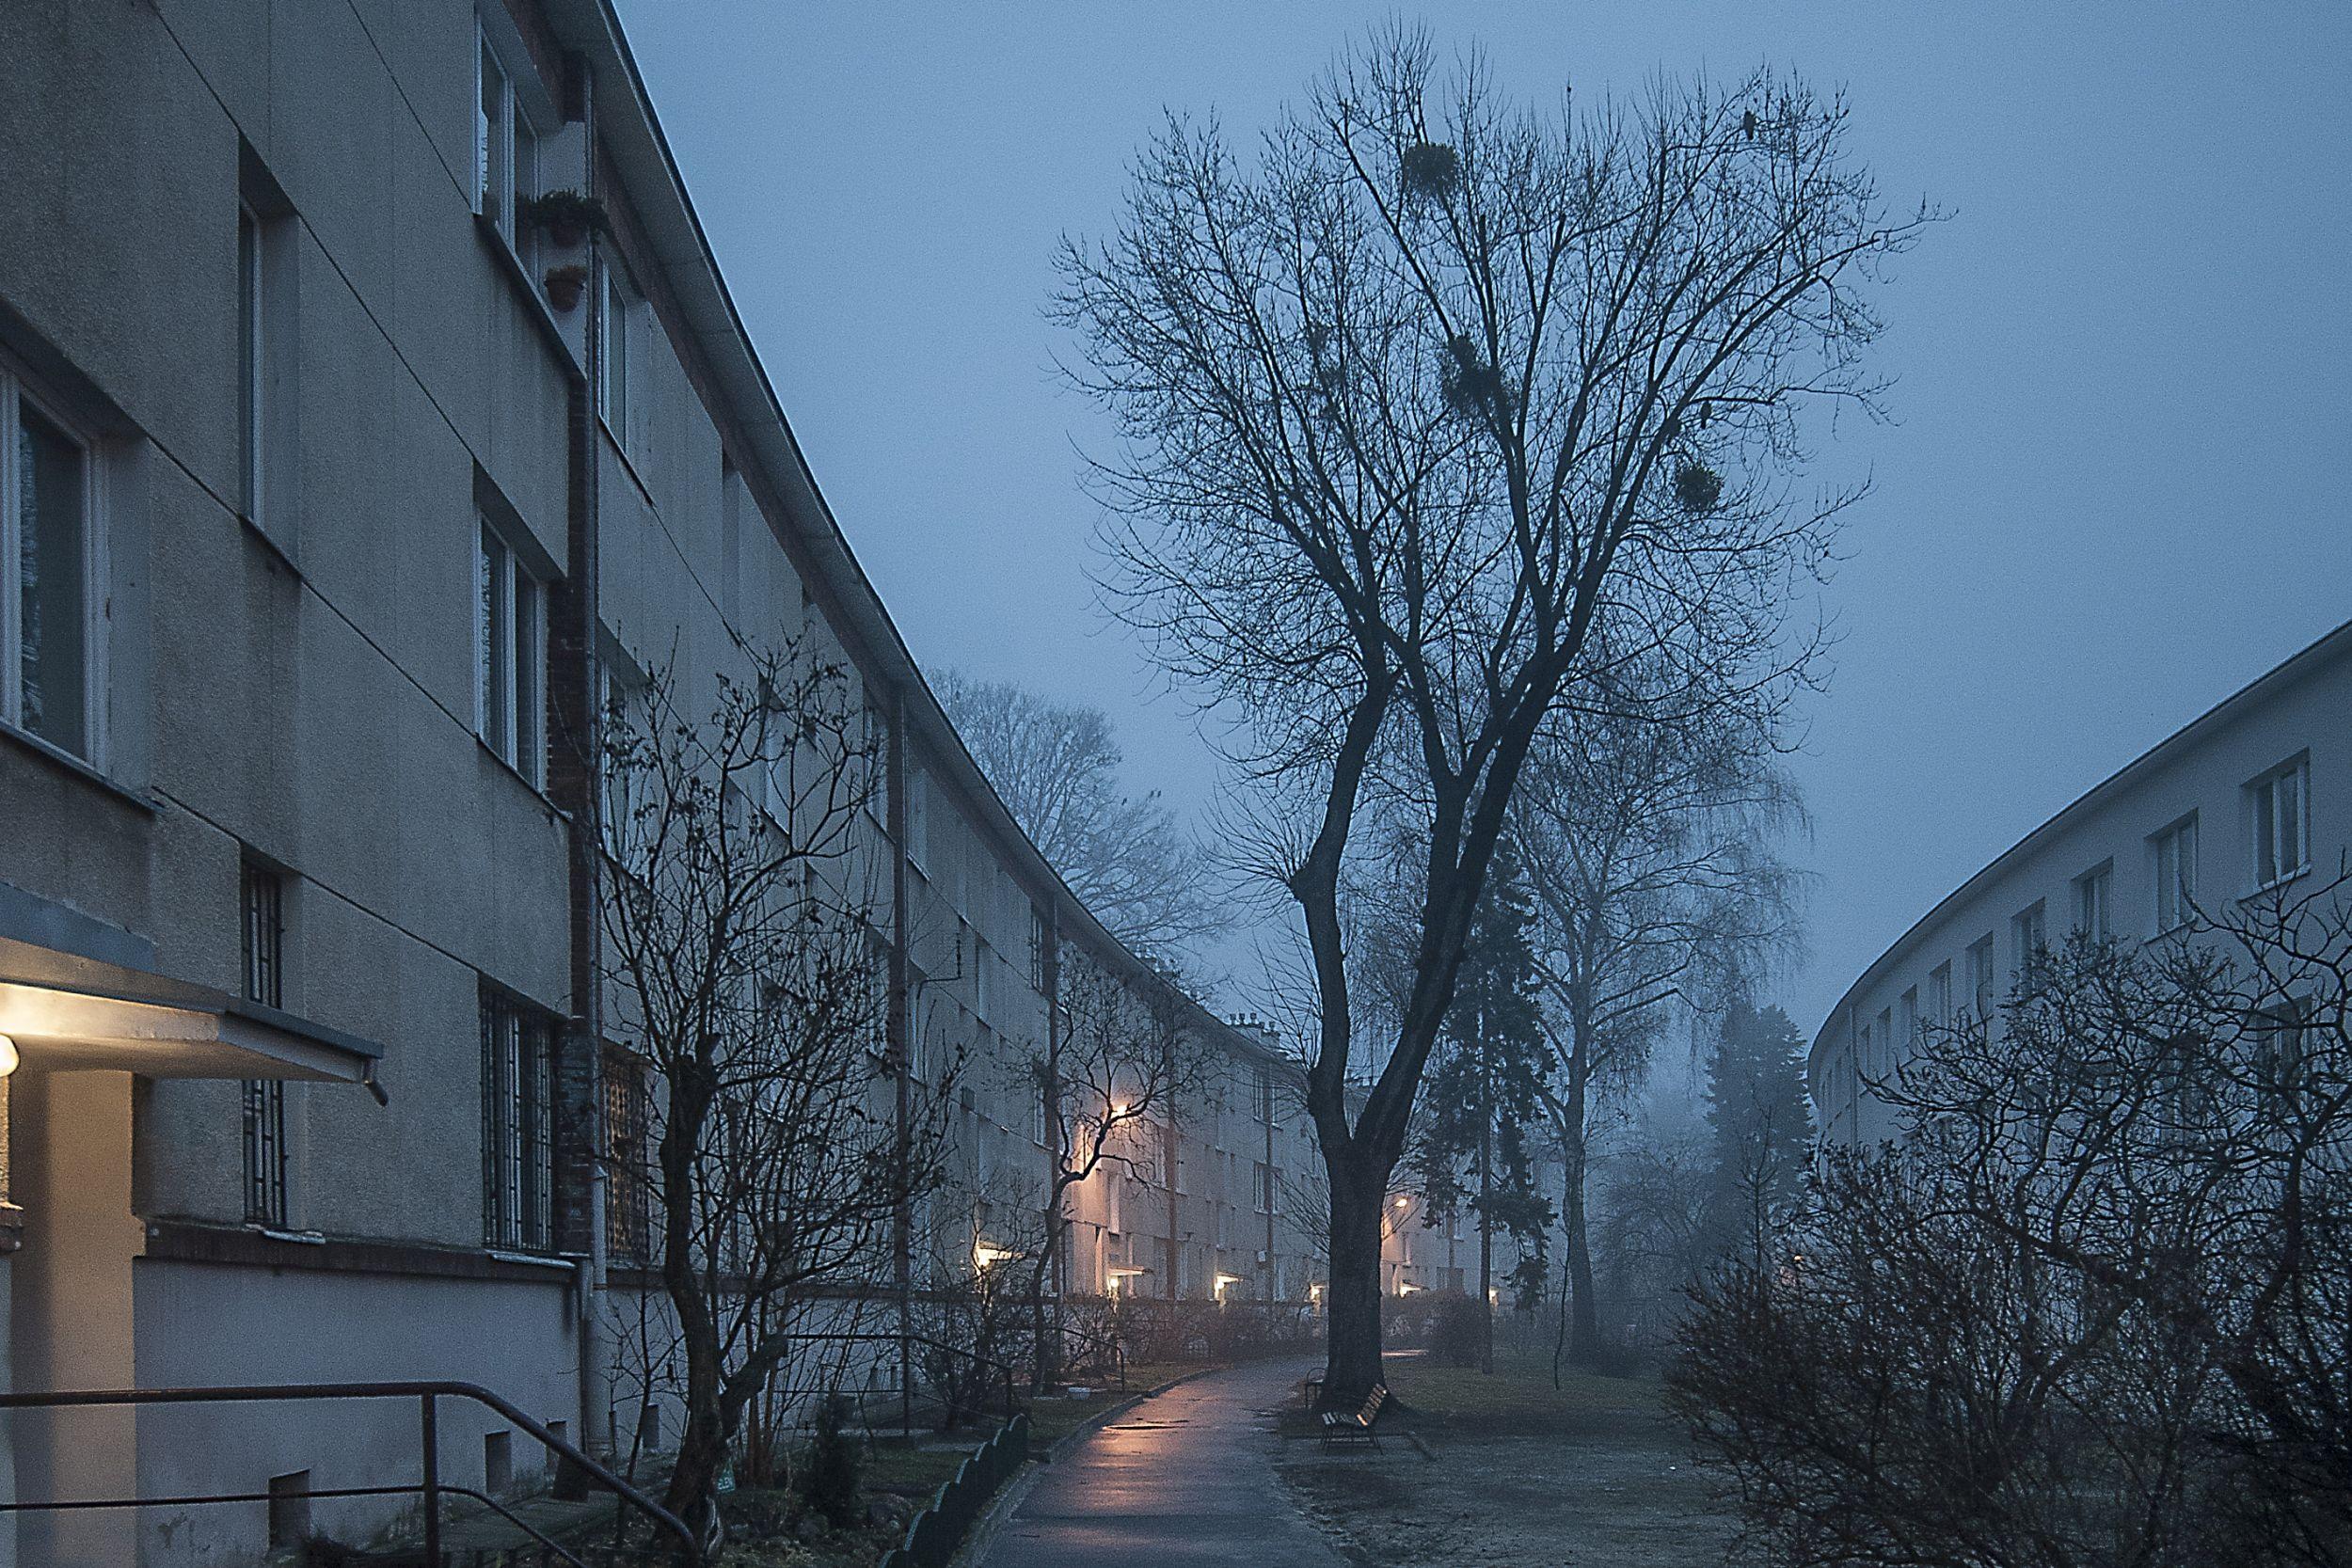 (fot. Filip Springer)